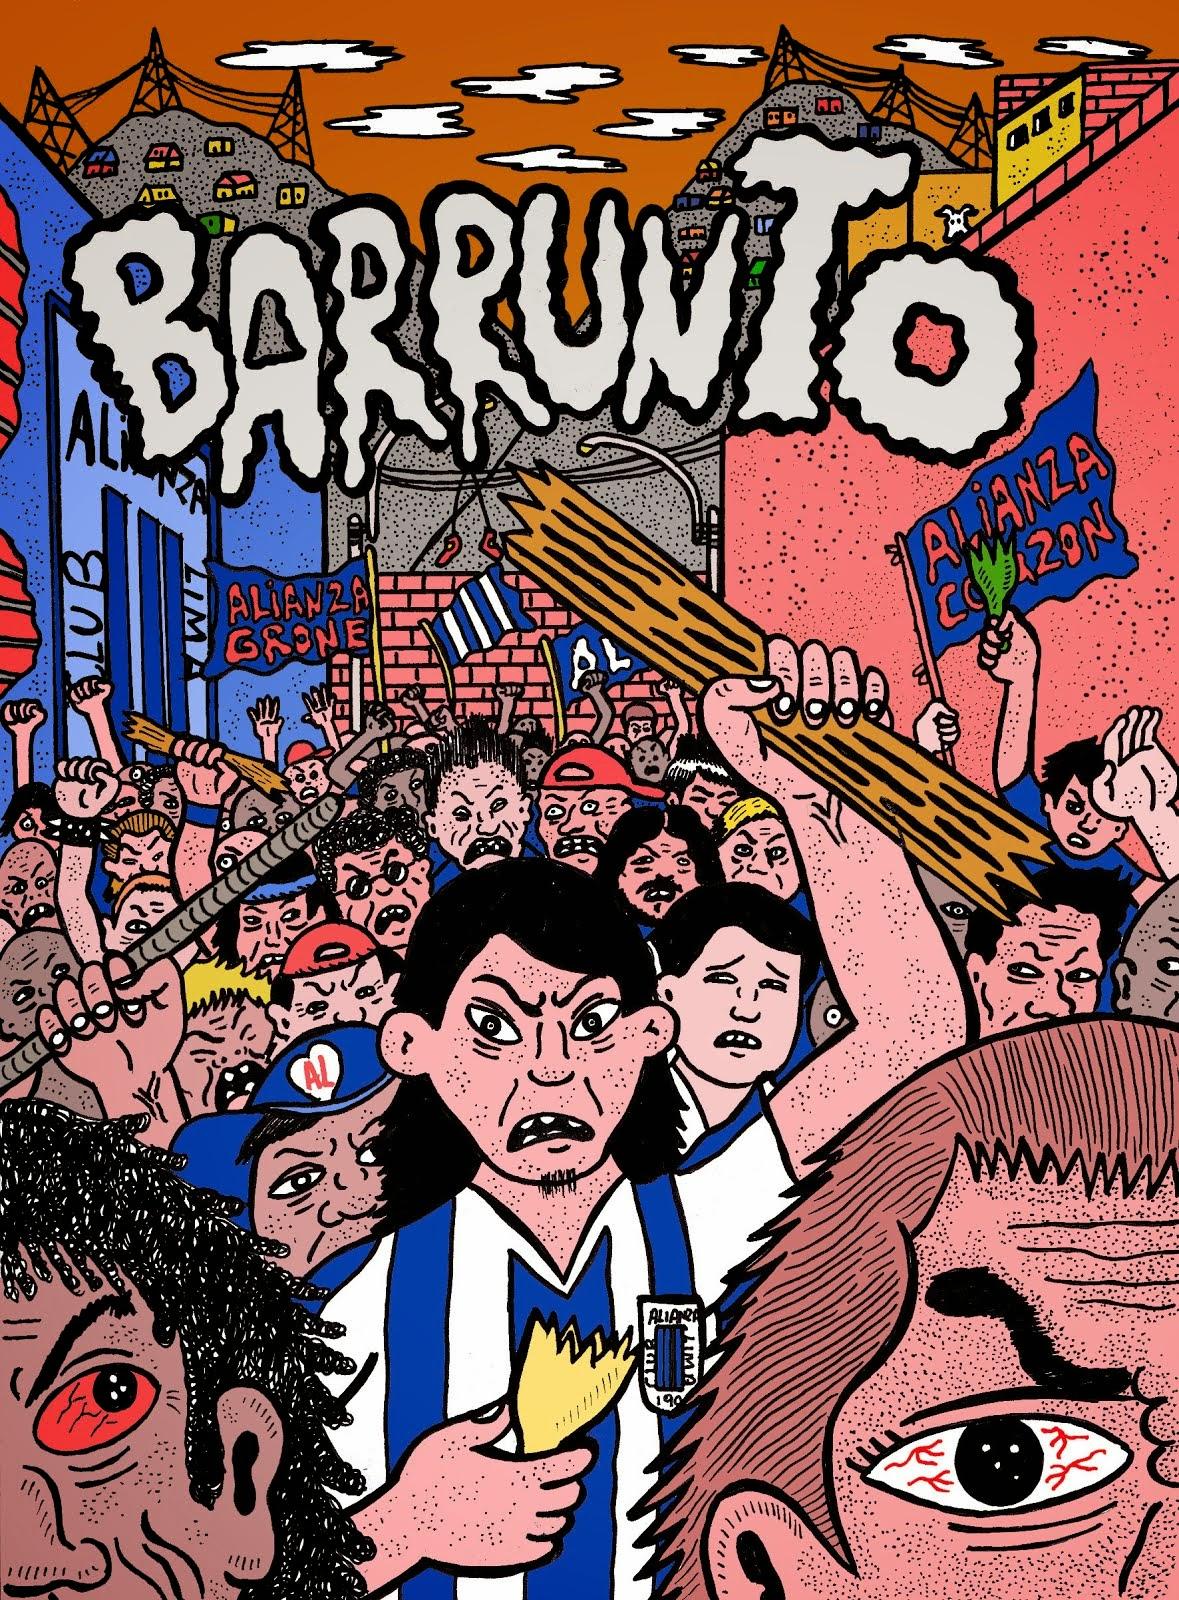 """ESTE 2015 LA NOVELA GRÁFICA """"BARRUNTO"""" DE JUAN JOSE SANDOVAL Y DAVID GALLIQUIO"""